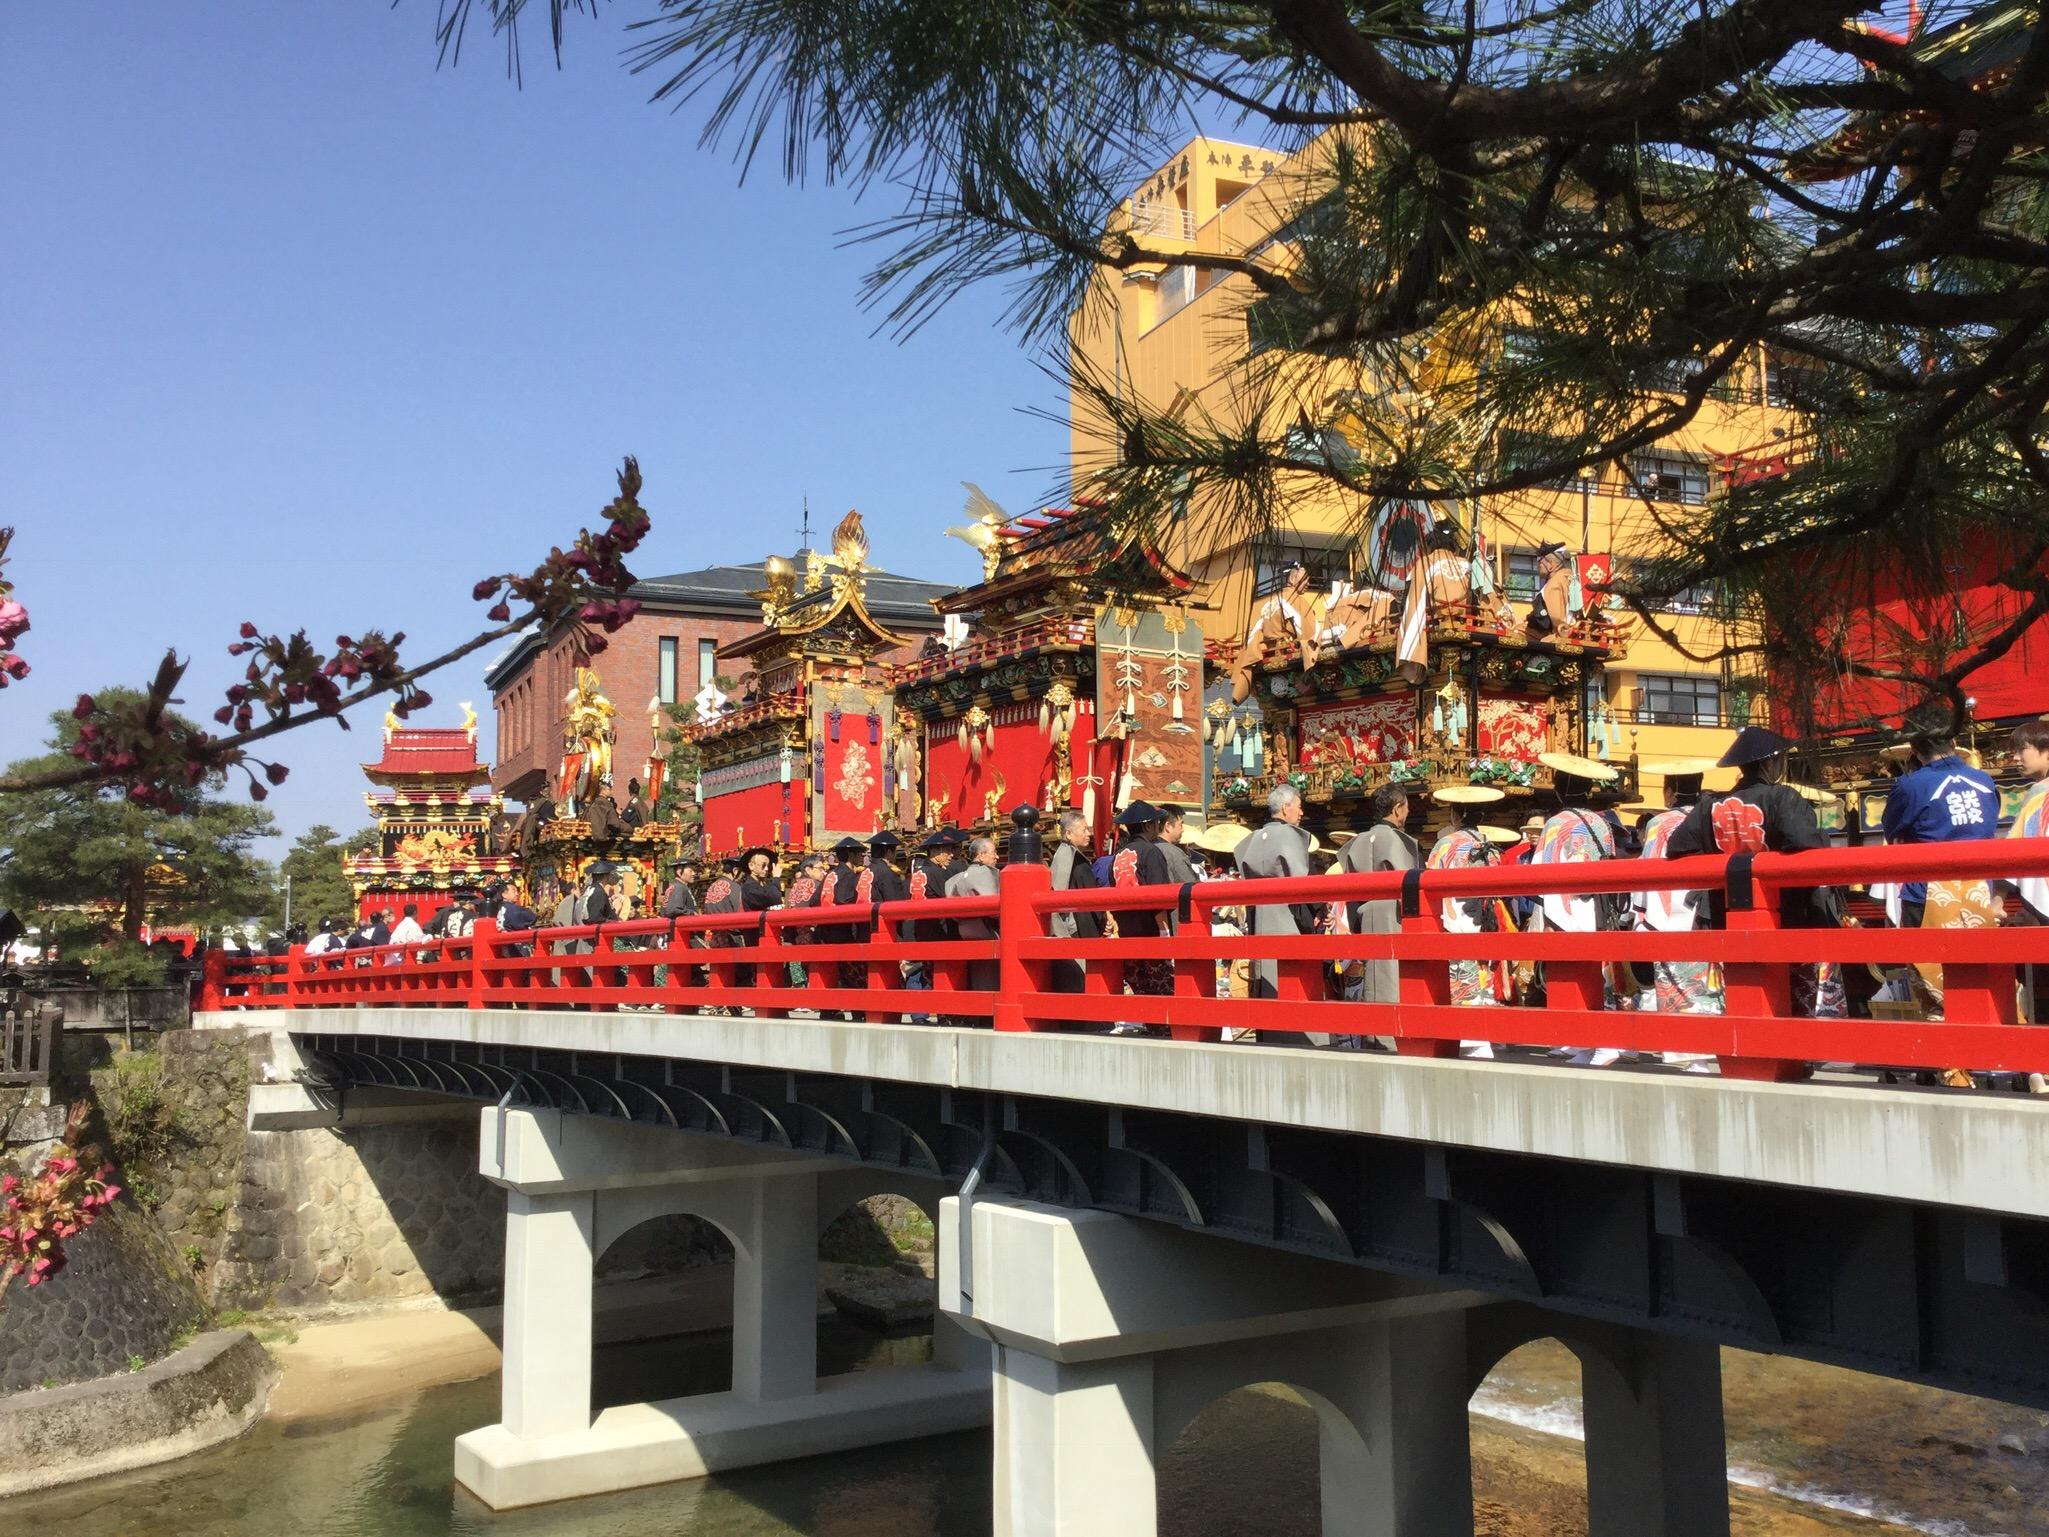 ユネスコ 屋台曳き回し 飛騨高山 中橋 赤 春祭り 秋祭り 高山祭